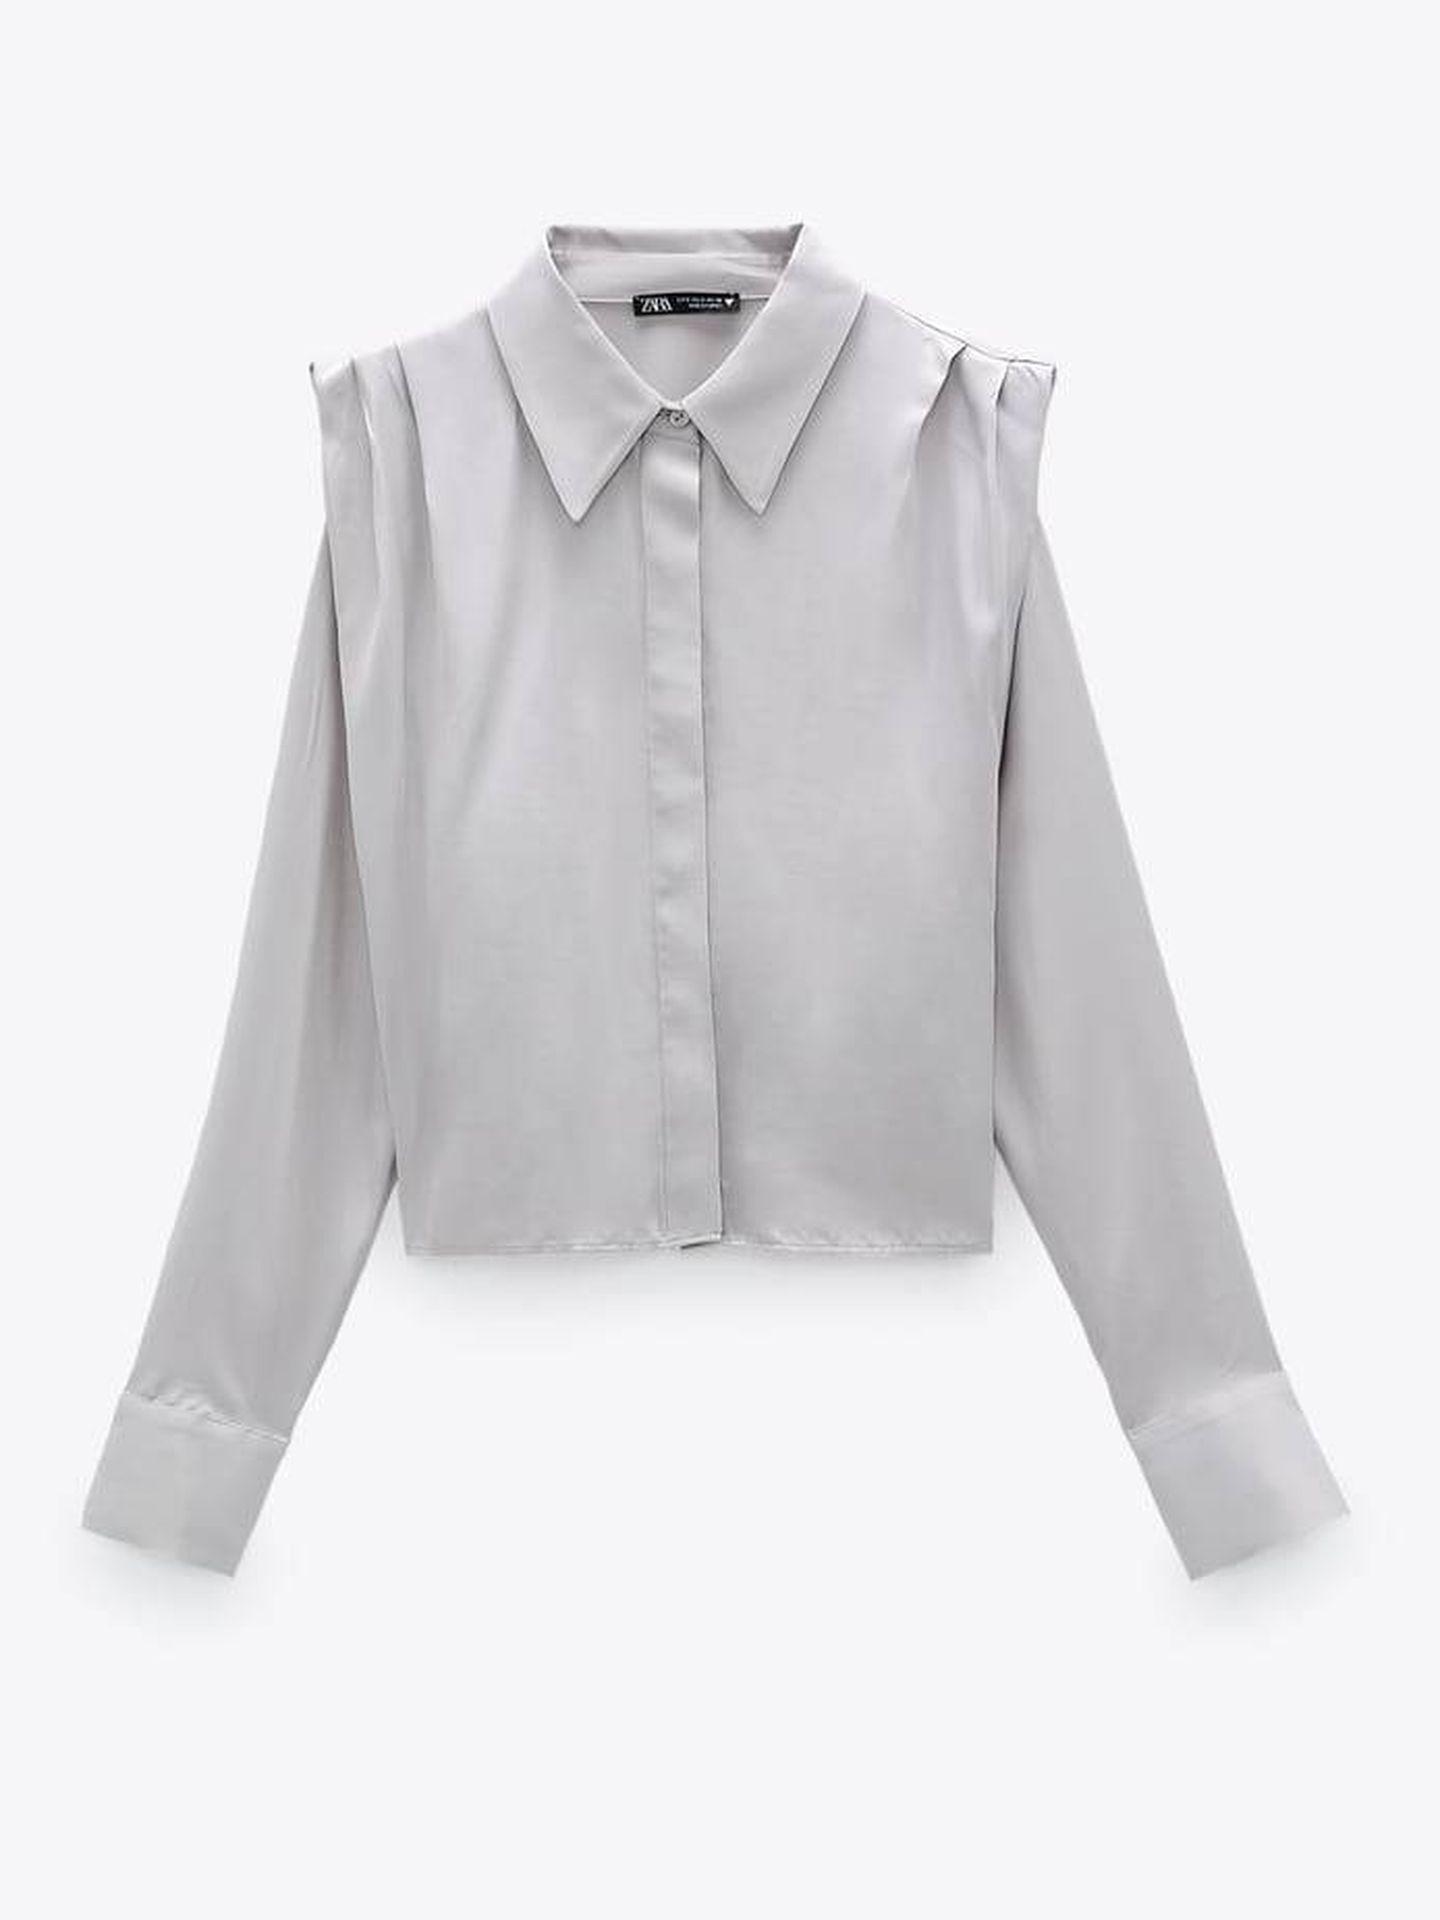 Blusa tendencia de Zara. (Cortesía)